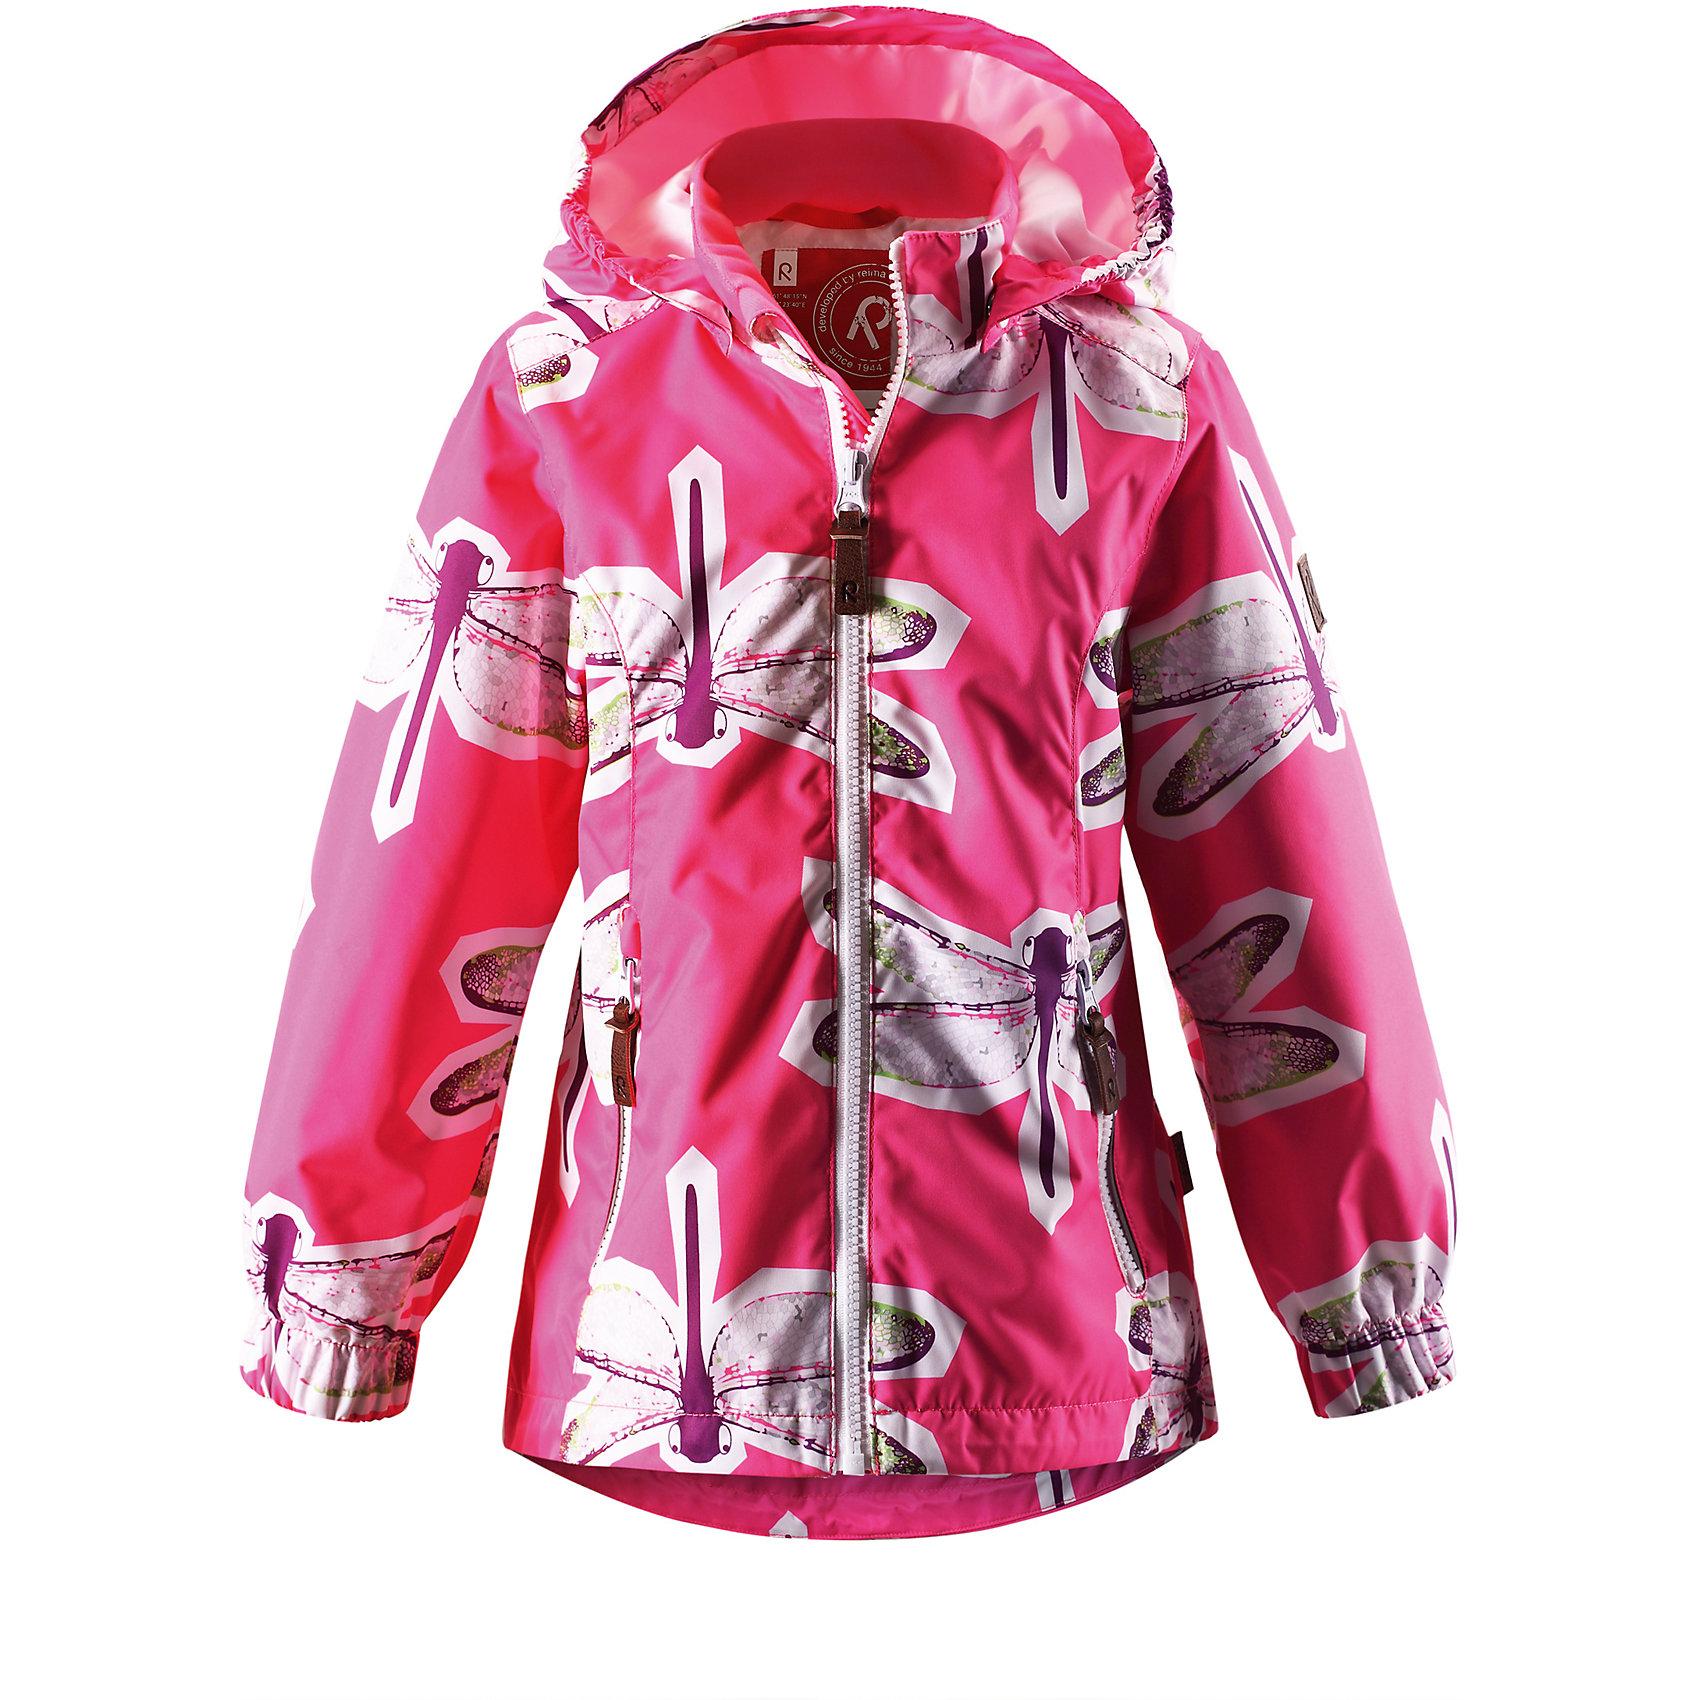 Куртка для девочки ReimaКрасивая, удлиненная демисезонная куртка для детей эффективно защищает от ветра. Дышащий материал также является водо- и грязеотталкивающим, а основные швы данной куртки проклеены для создания водонепроницаемости. Гладкая подкладка из полиэстера облегчает одевание и превращает его в веселый процесс. Отстегивающийся капюшон и светоотражающие детали обеспечивают безопасность во время прогулок в поисках впечатлений, а карманы с клапанами идеально подходят для хранения маленьких ценностей.<br><br>Дополнительная информация:<br><br>Куртка демисезонная для детей<br>Основные швы проклеены и не пропускают влагу<br>Водоотталкивающий, ветронепроницаемый, «дышащий» и грязеотталкивающий материал<br>Гладкая подкладка из полиэстра<br>Безопасный, съемный капюшон<br>Регулируемый подол<br>Два кармана на молнии<br>Безопасные светоотражающие детали<br>Состав:<br>100% ПЭ, ПУ-покрытие<br>Уход:<br>Стирать по отдельности, вывернув наизнанку. Застегнуть молнии и липучки. Стирать моющим средством, не содержащим отбеливающие вещества. Полоскать без специального средства. Во избежание изменения цвета изделие необходимо вынуть из стиральной машинки незамедлительно после окончания программы стирки. Сушить при низкой температуре.<br><br>Ширина мм: 356<br>Глубина мм: 10<br>Высота мм: 245<br>Вес г: 519<br>Цвет: розовый<br>Возраст от месяцев: 24<br>Возраст до месяцев: 36<br>Пол: Женский<br>Возраст: Детский<br>Размер: 98,140,134,128,116,110,104,92,122<br>SKU: 4497332